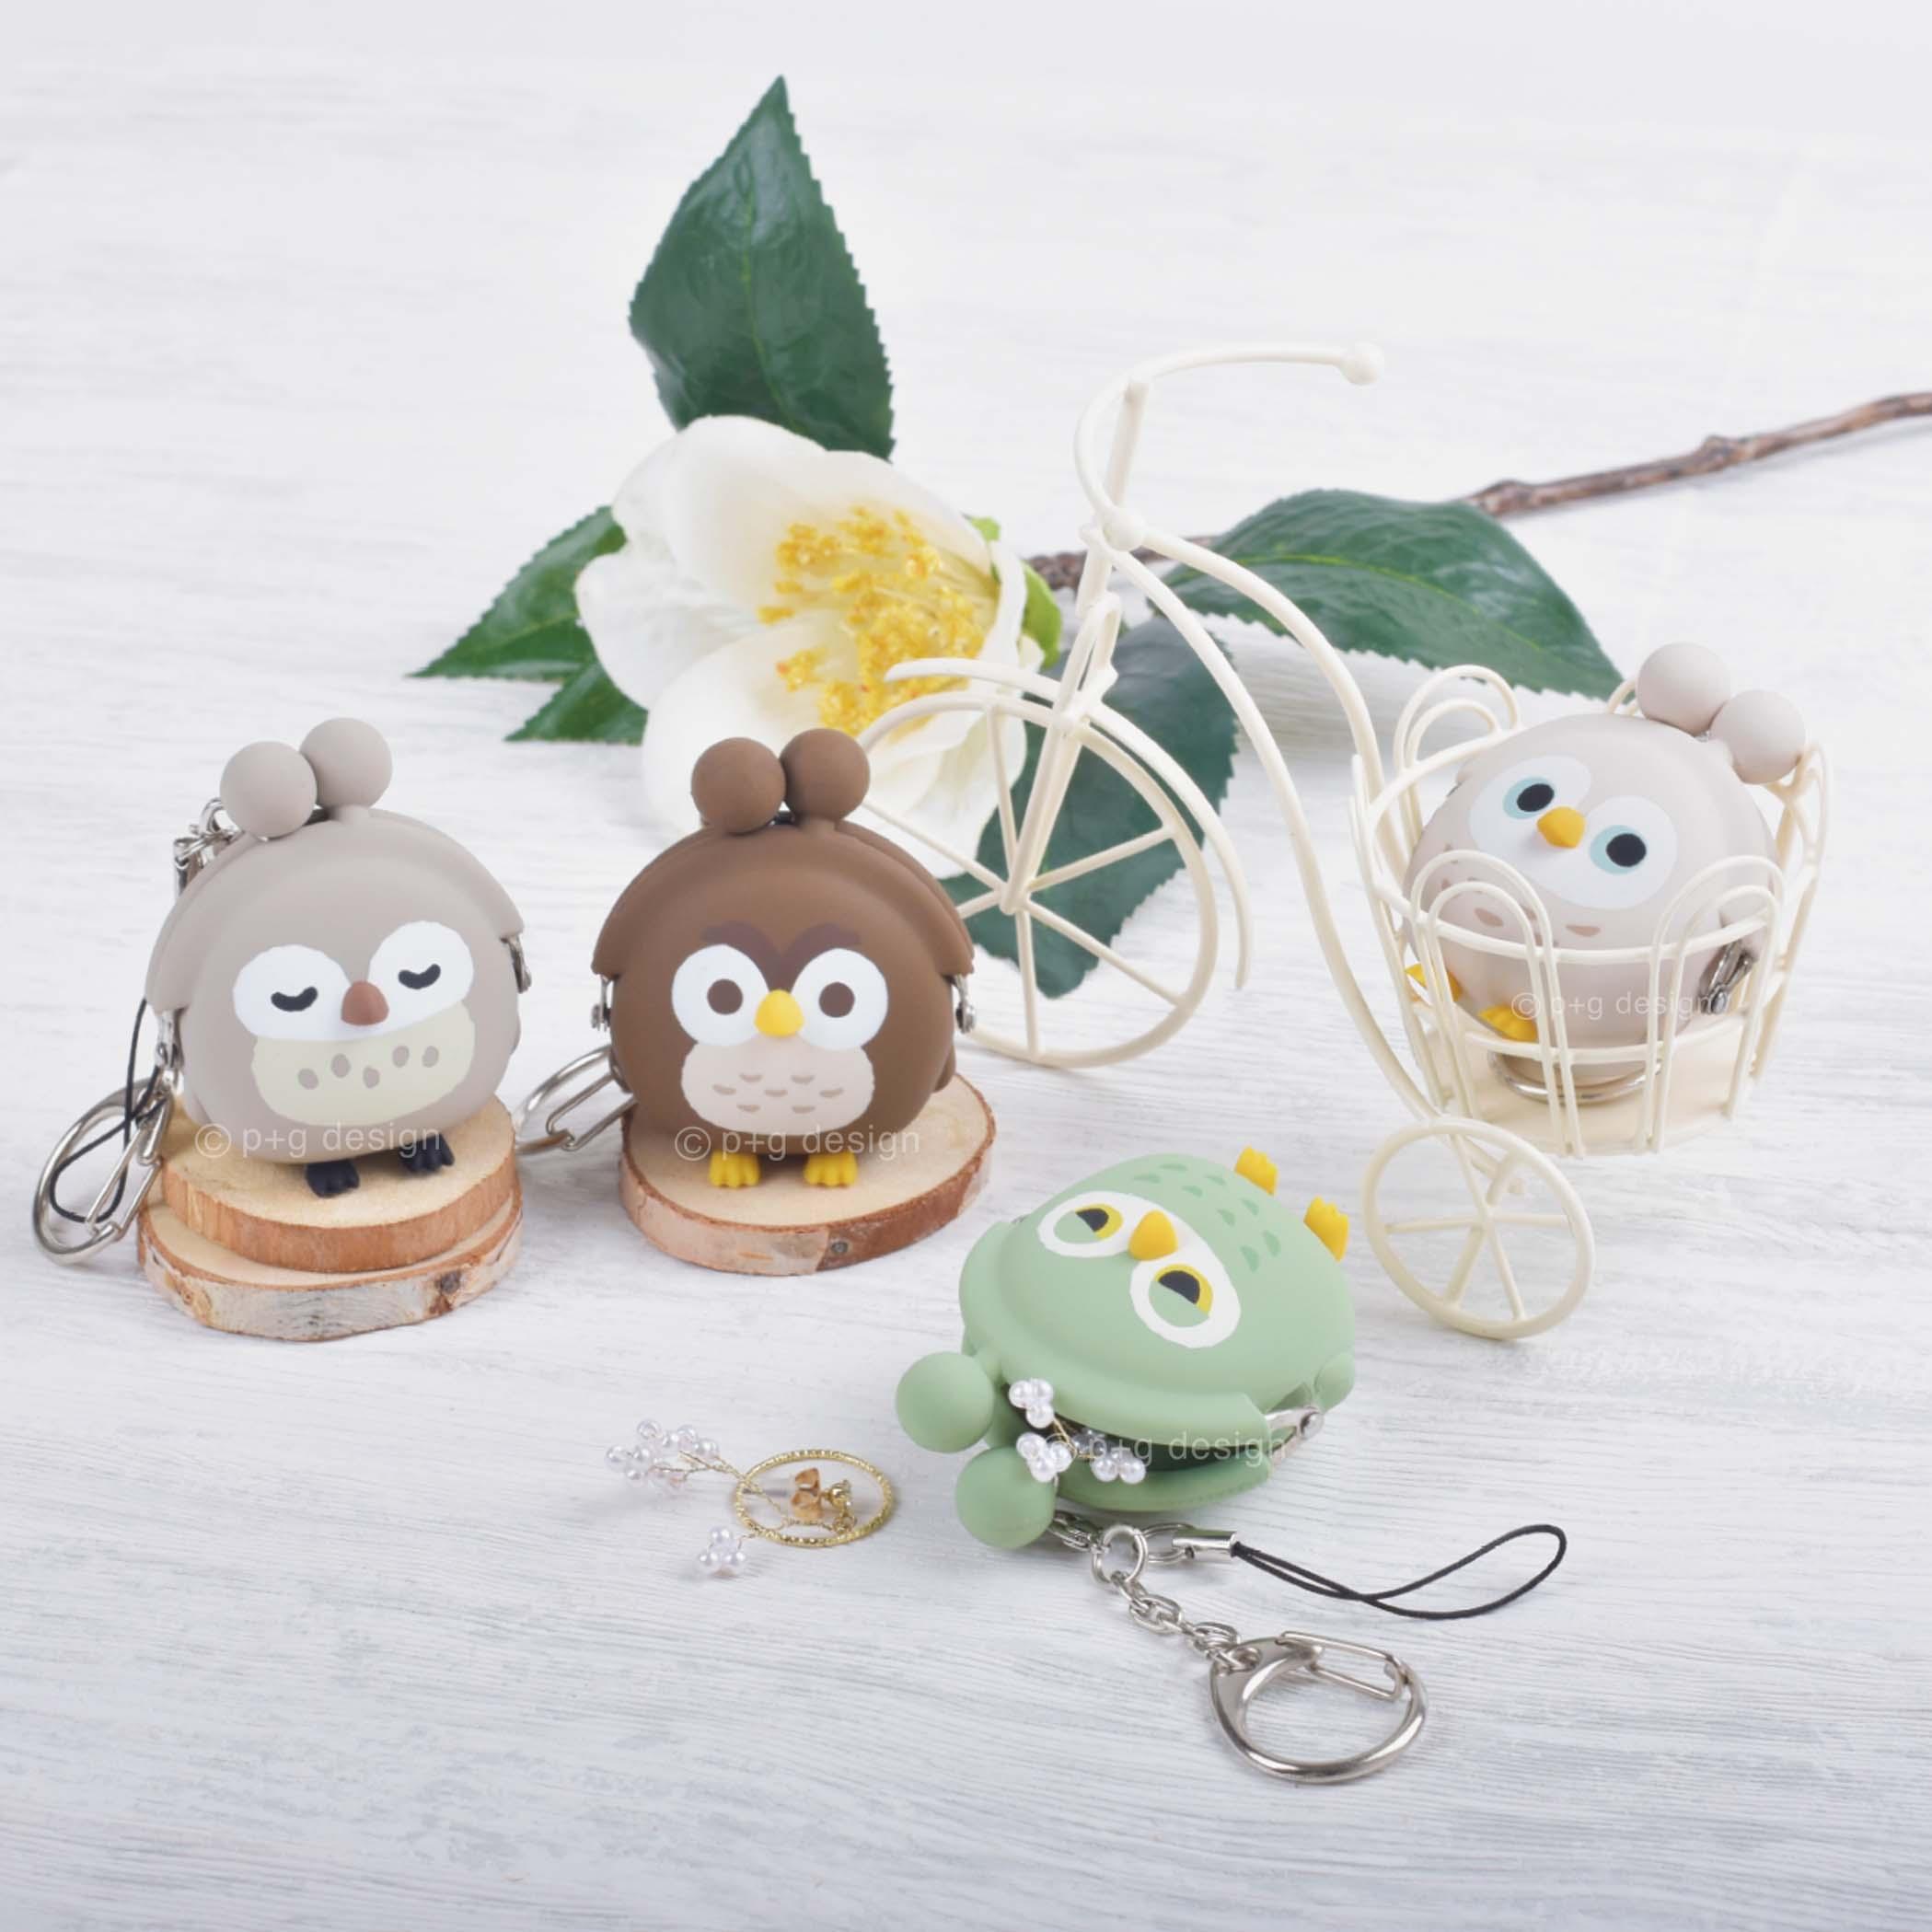 3D POCHI-Bit FRIENDS BIRD OWL